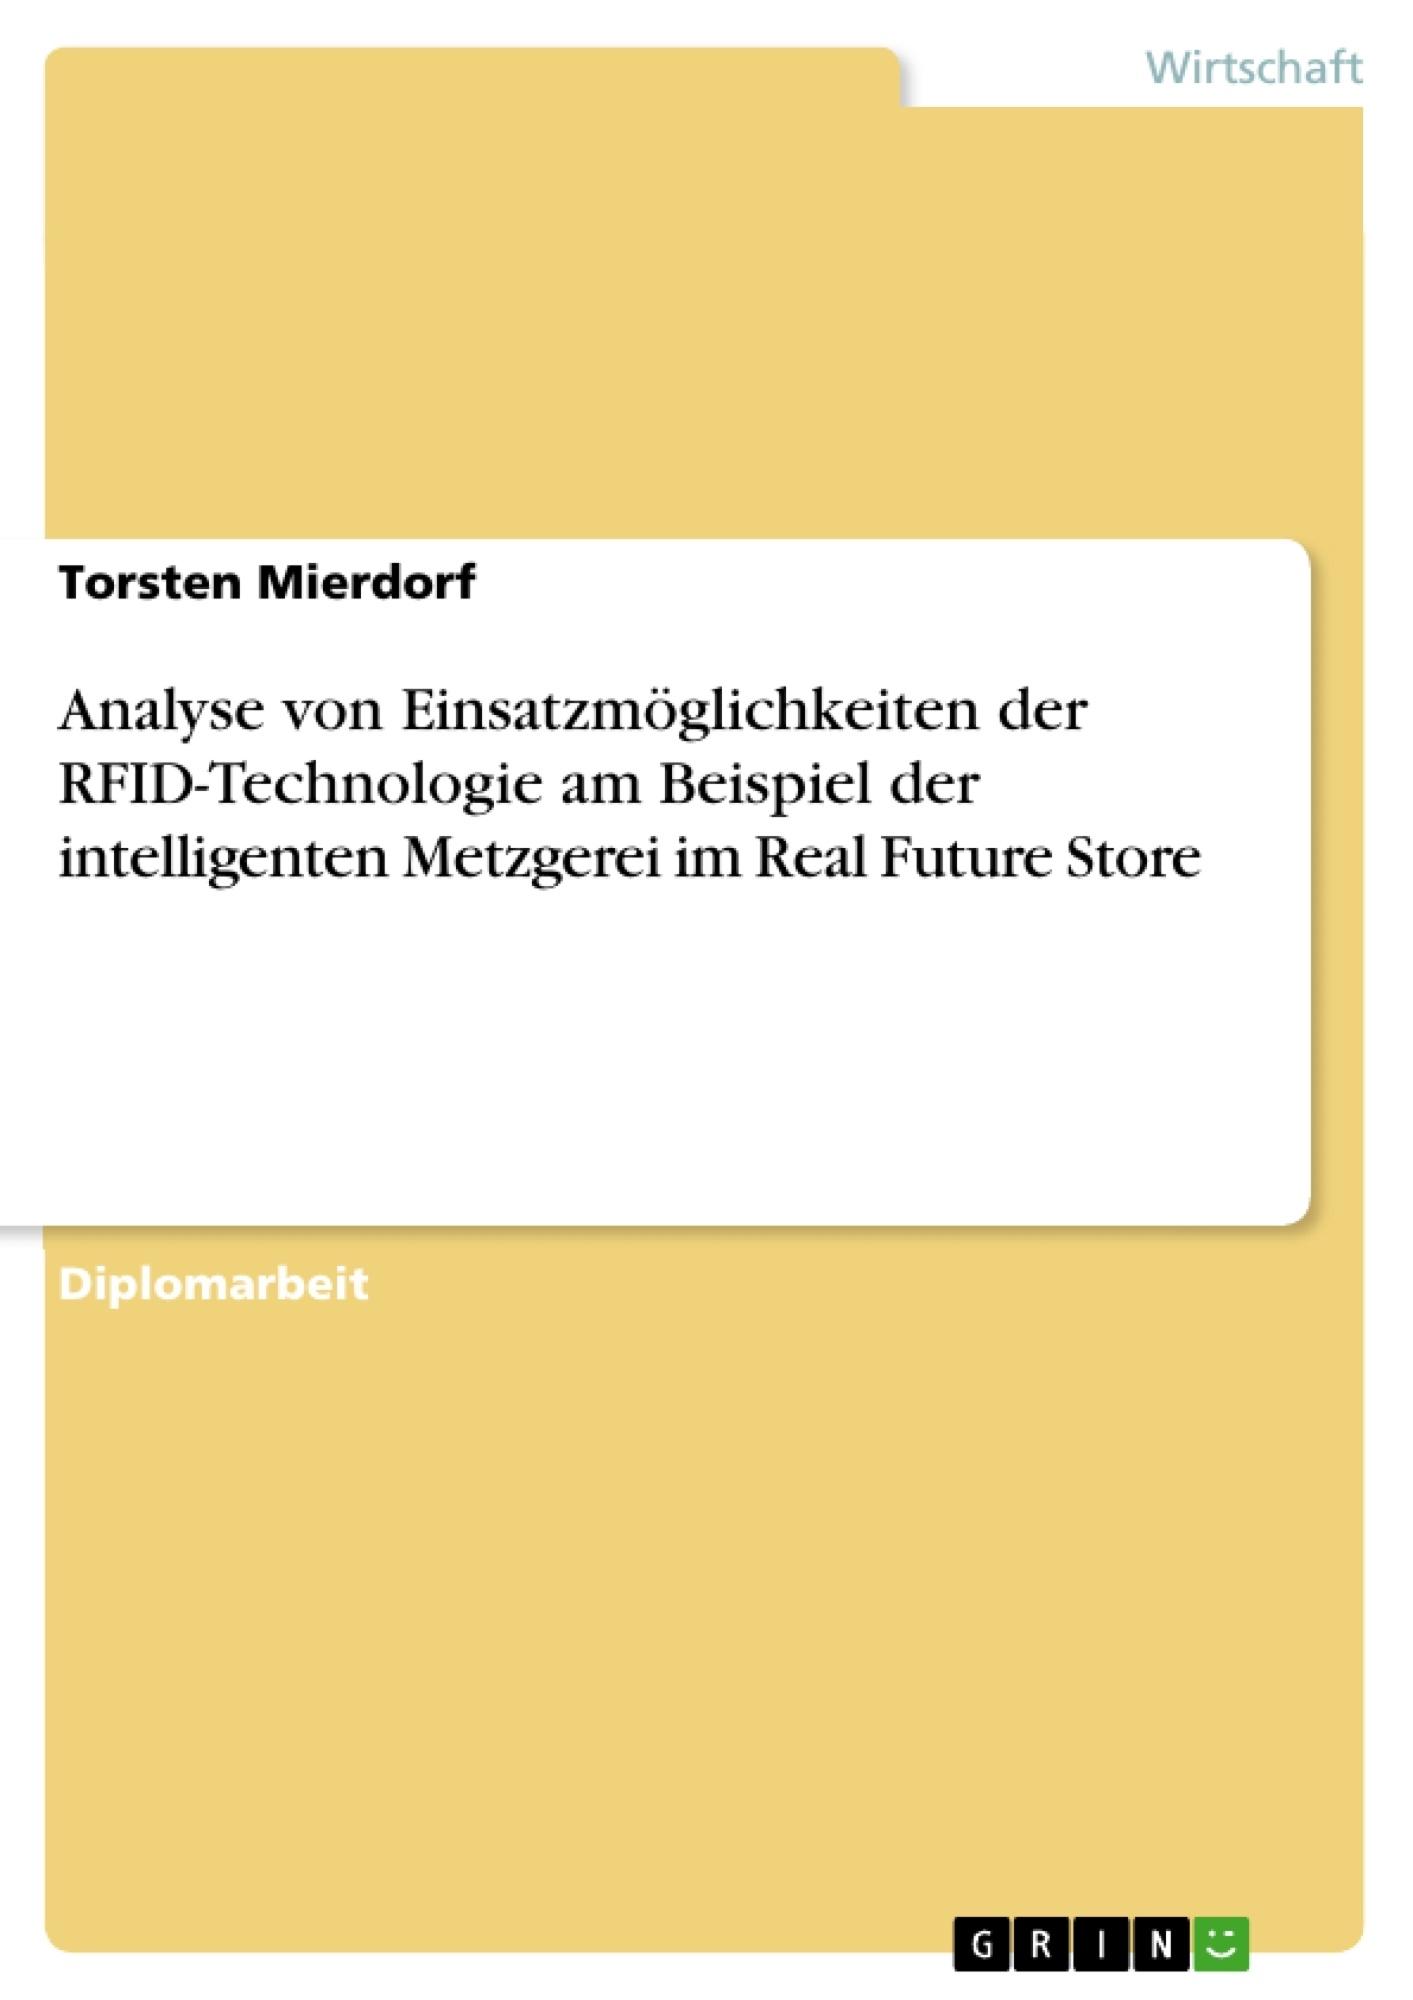 Titel: Analyse von Einsatzmöglichkeiten der RFID-Technologie am Beispiel der intelligenten Metzgerei im Real Future Store